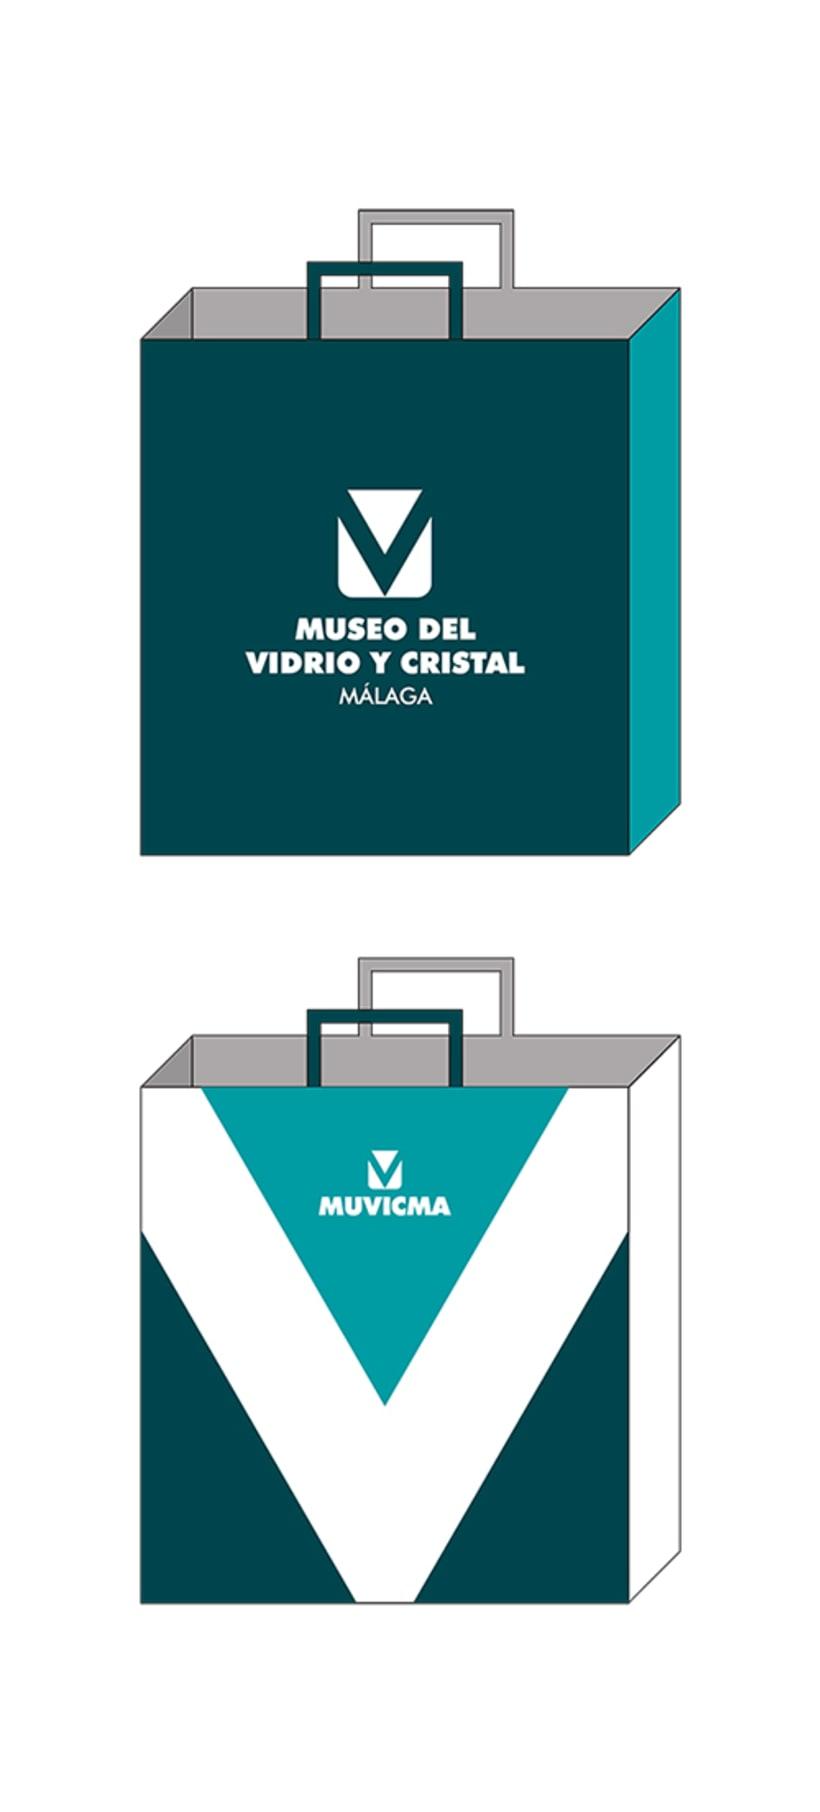 Museo del Vidrio y Cristal 5